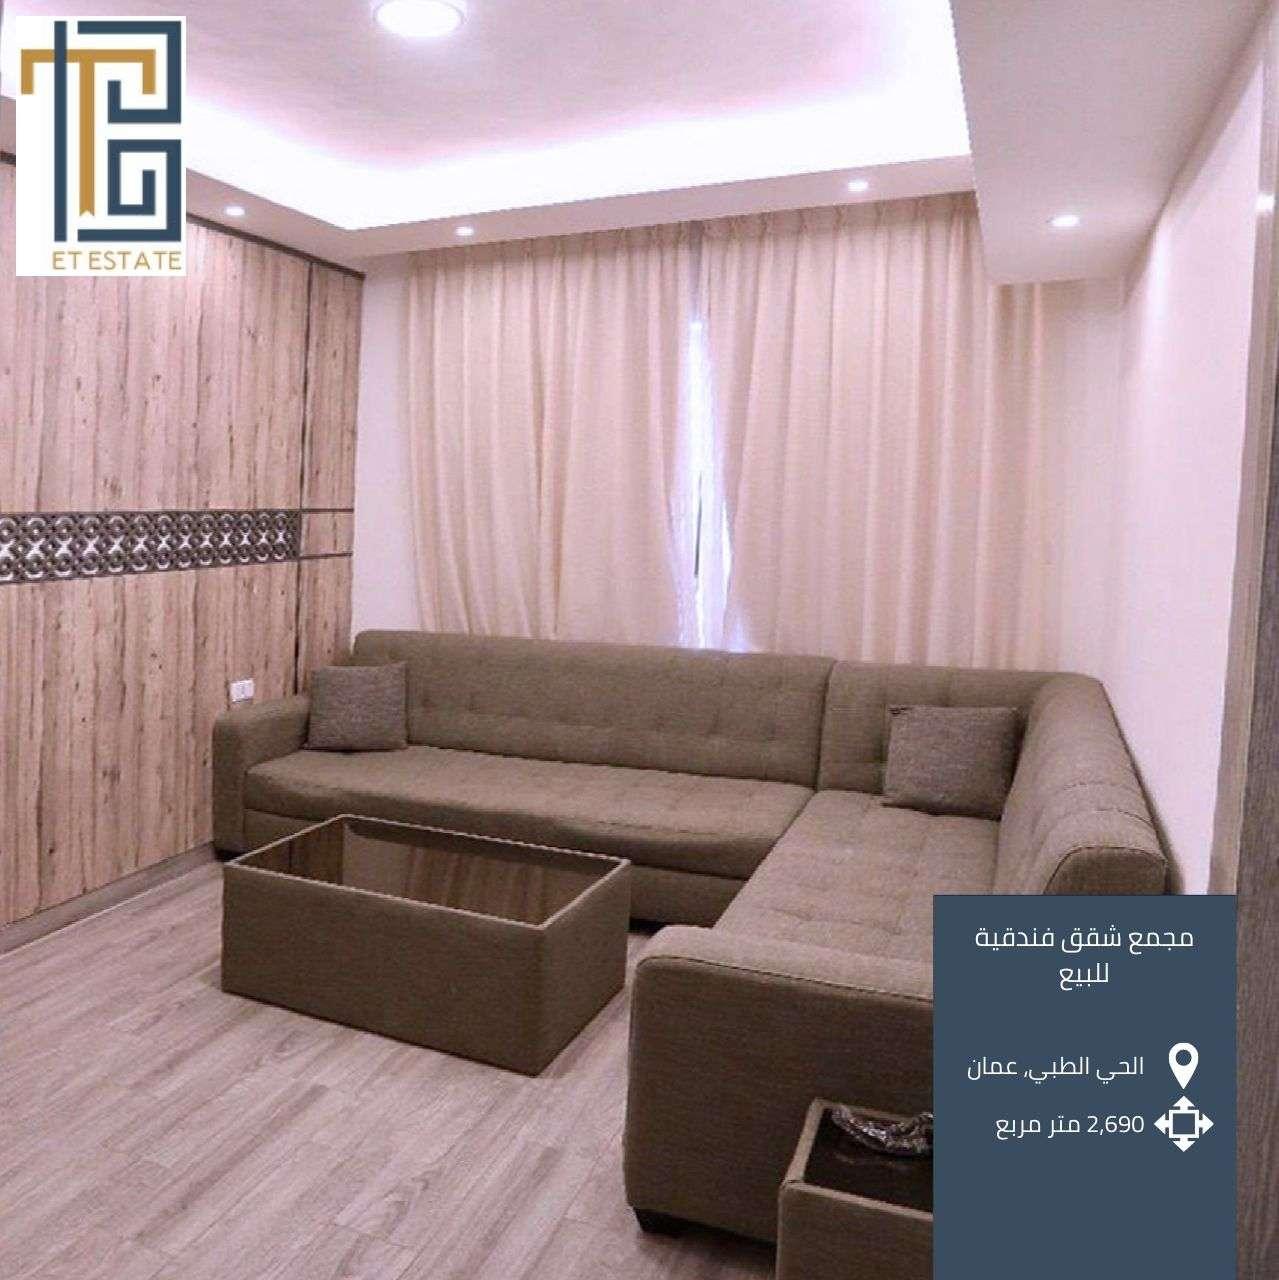 مجمع شقق فندقية للبيع في الحي الطبي في عمان